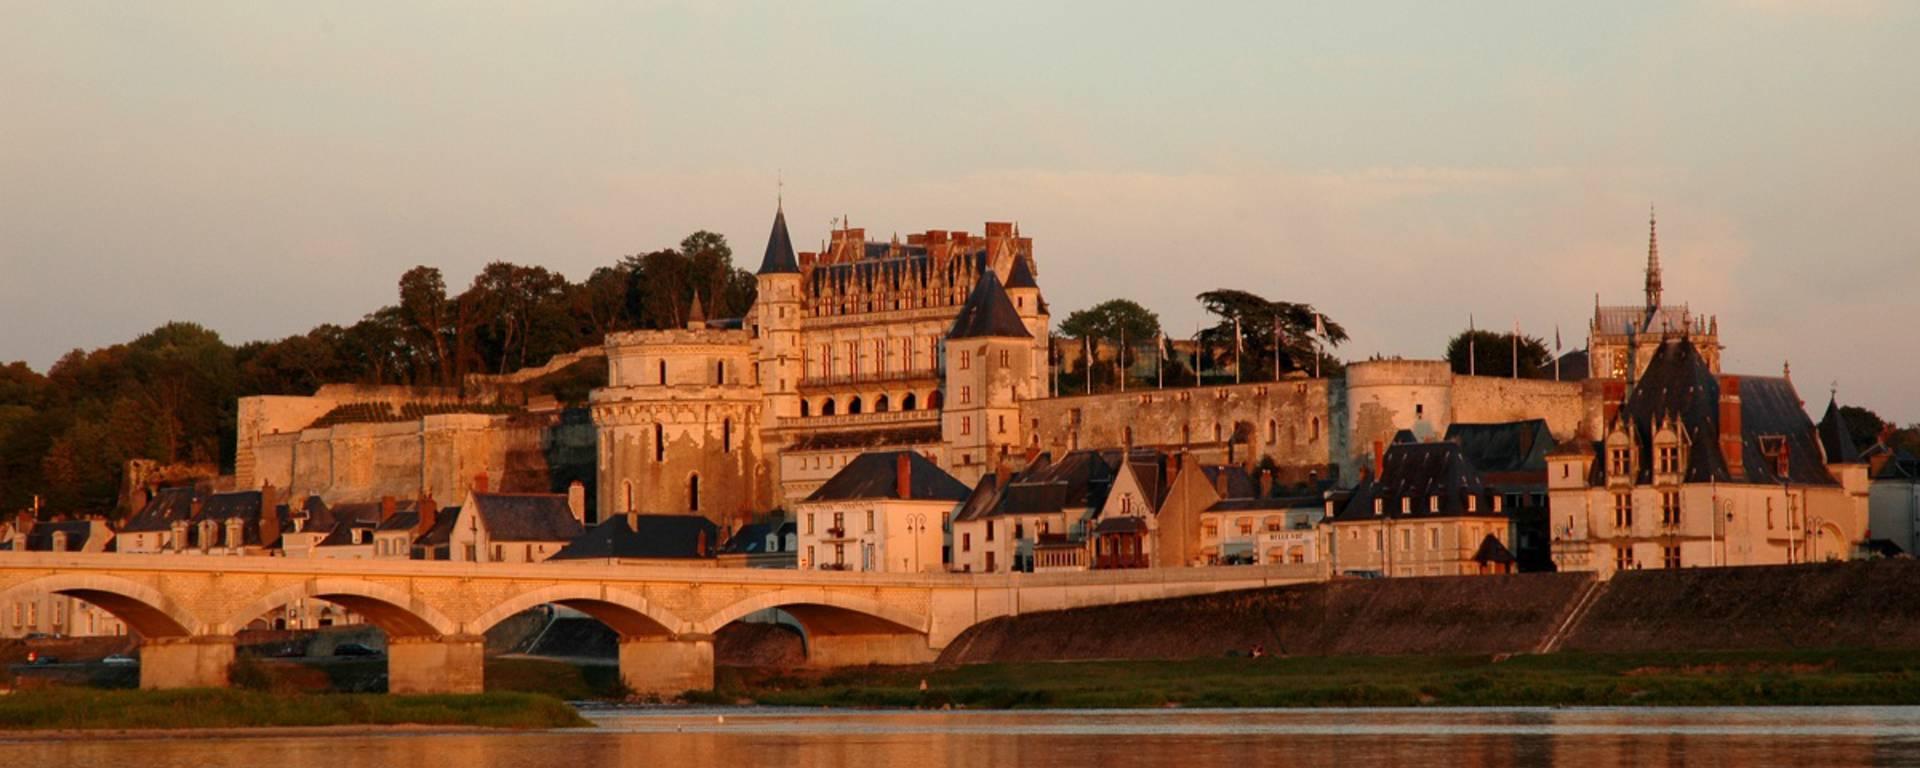 Blick auf das Schloss von Amboise © JF Le Scour